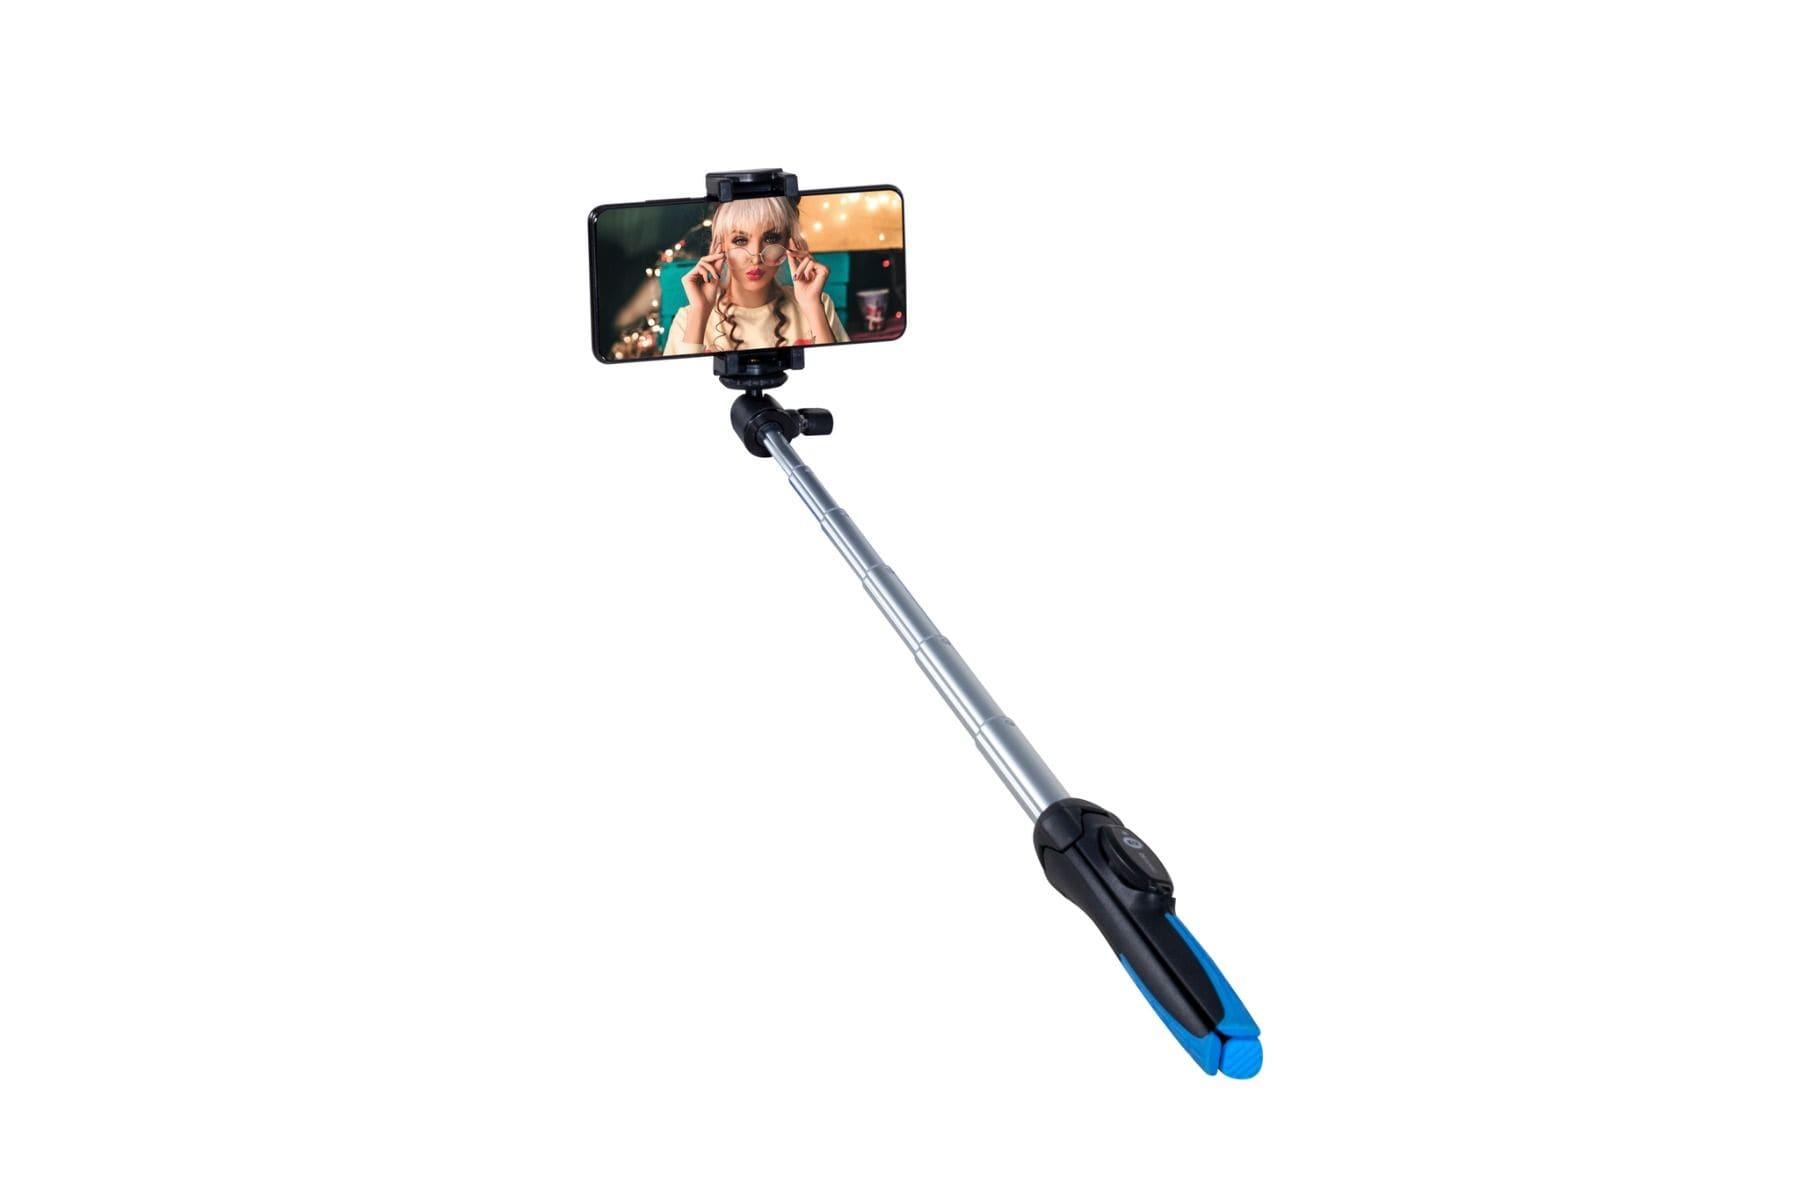 Benro Selfie Stick & Table Top Tripod BK15